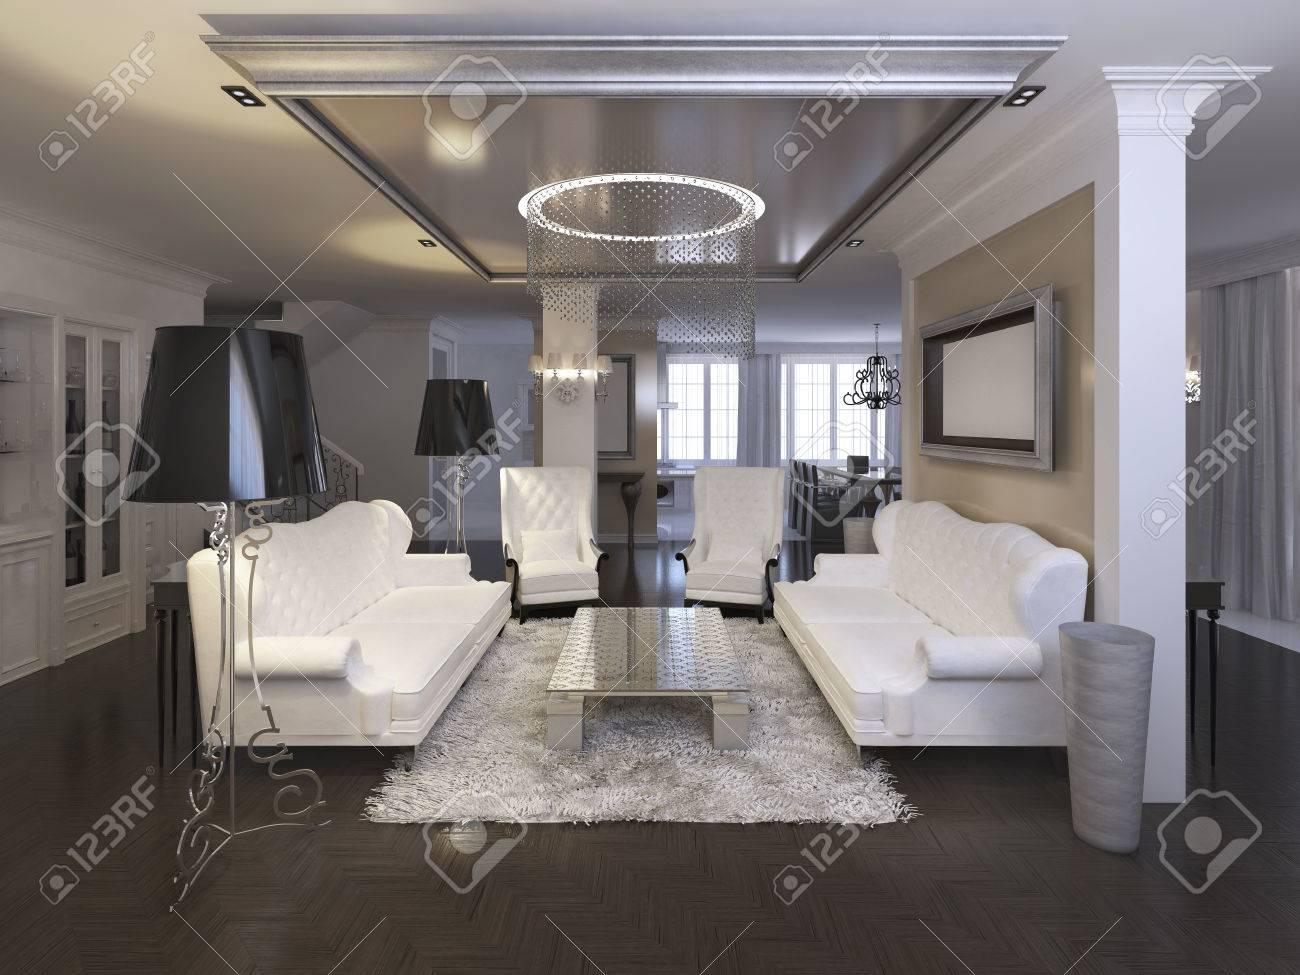 Luxuriöses Wohnzimmer Design Mit Weißen Stühlen Und Sofa. Silber ...